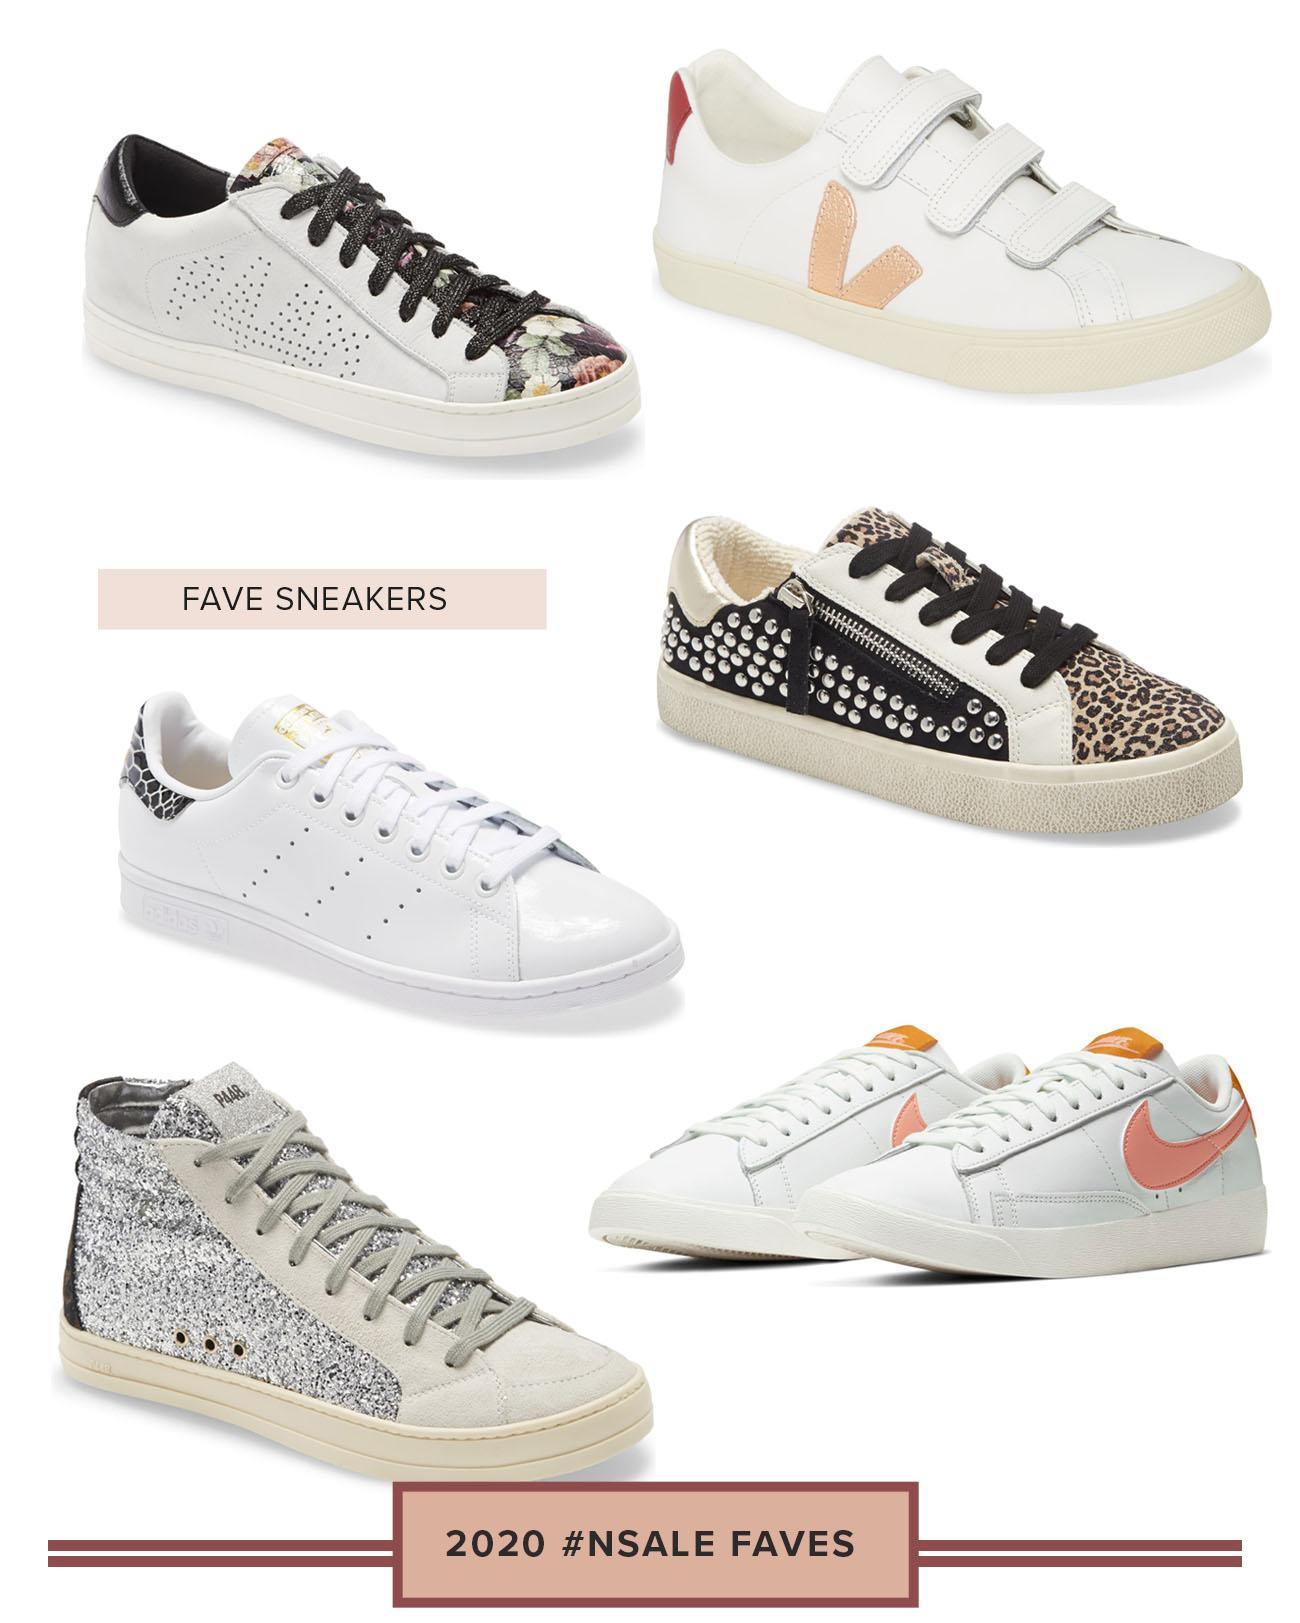 2020 Nordstrom Sale Favorites Sneakers